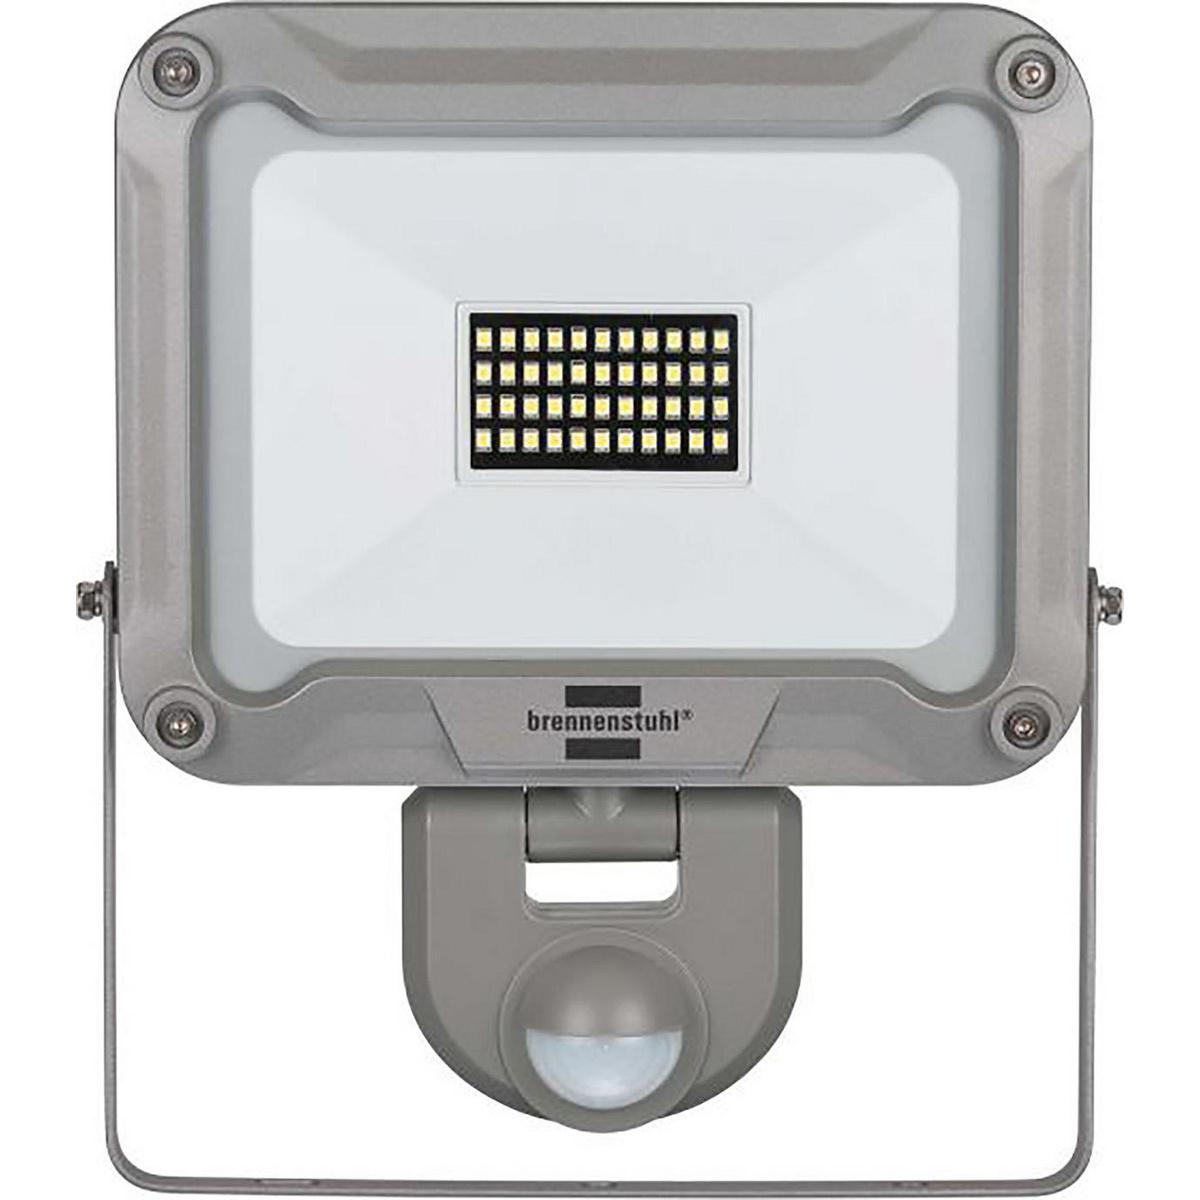 Adecuado para instalación en interiores y exteriores, IP 44. Potente lámpara de 50 WLED con chip para montaje en pared, con distribución de luz extra ancha para iluminar una superficie grande. Ideal para aficionados, talleres y obras de construcción. Ilum